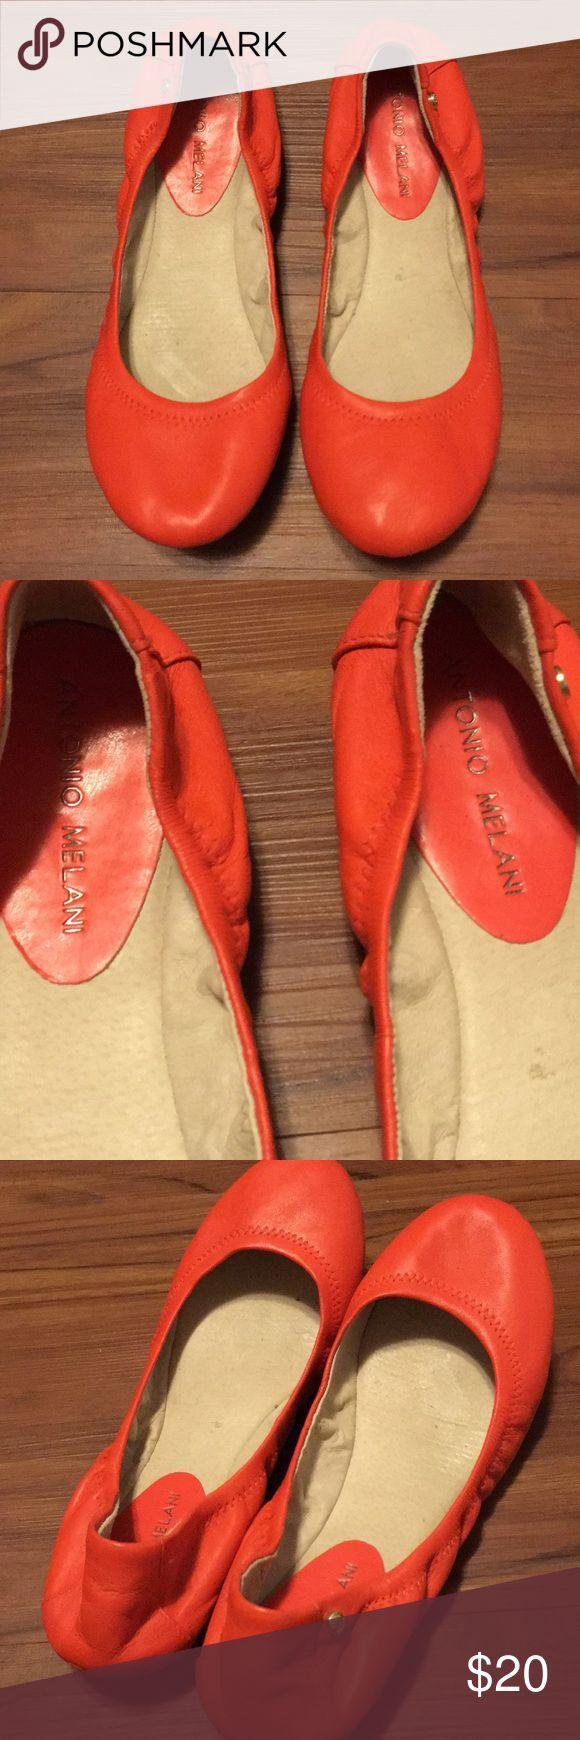 Antonio Melani Orange Flats 8.5 Antonio Melani orange flats size 8.5, fabulous condition only worn once lightly. ANTONIO MELANI Shoes Flats & Loafers